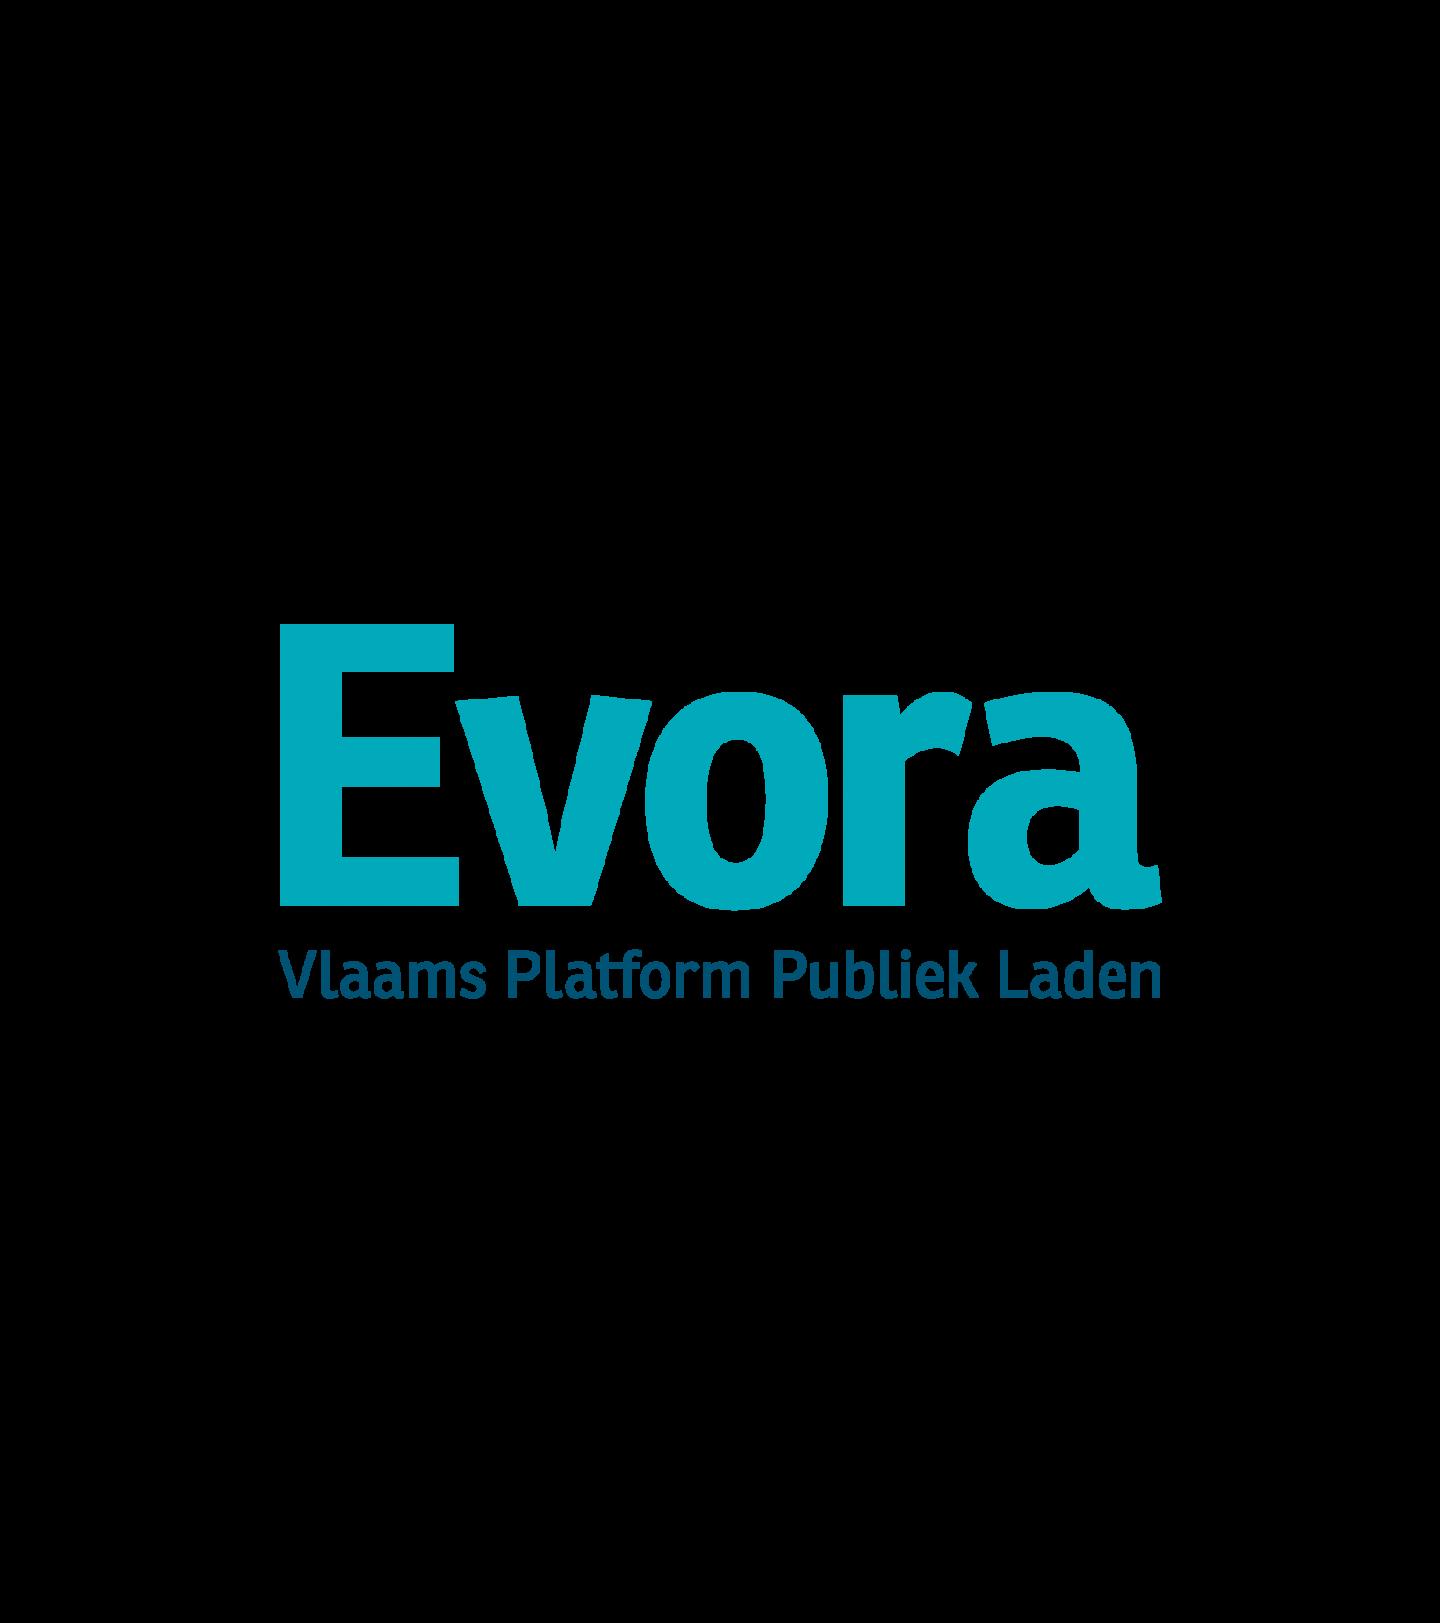 Evora Logo